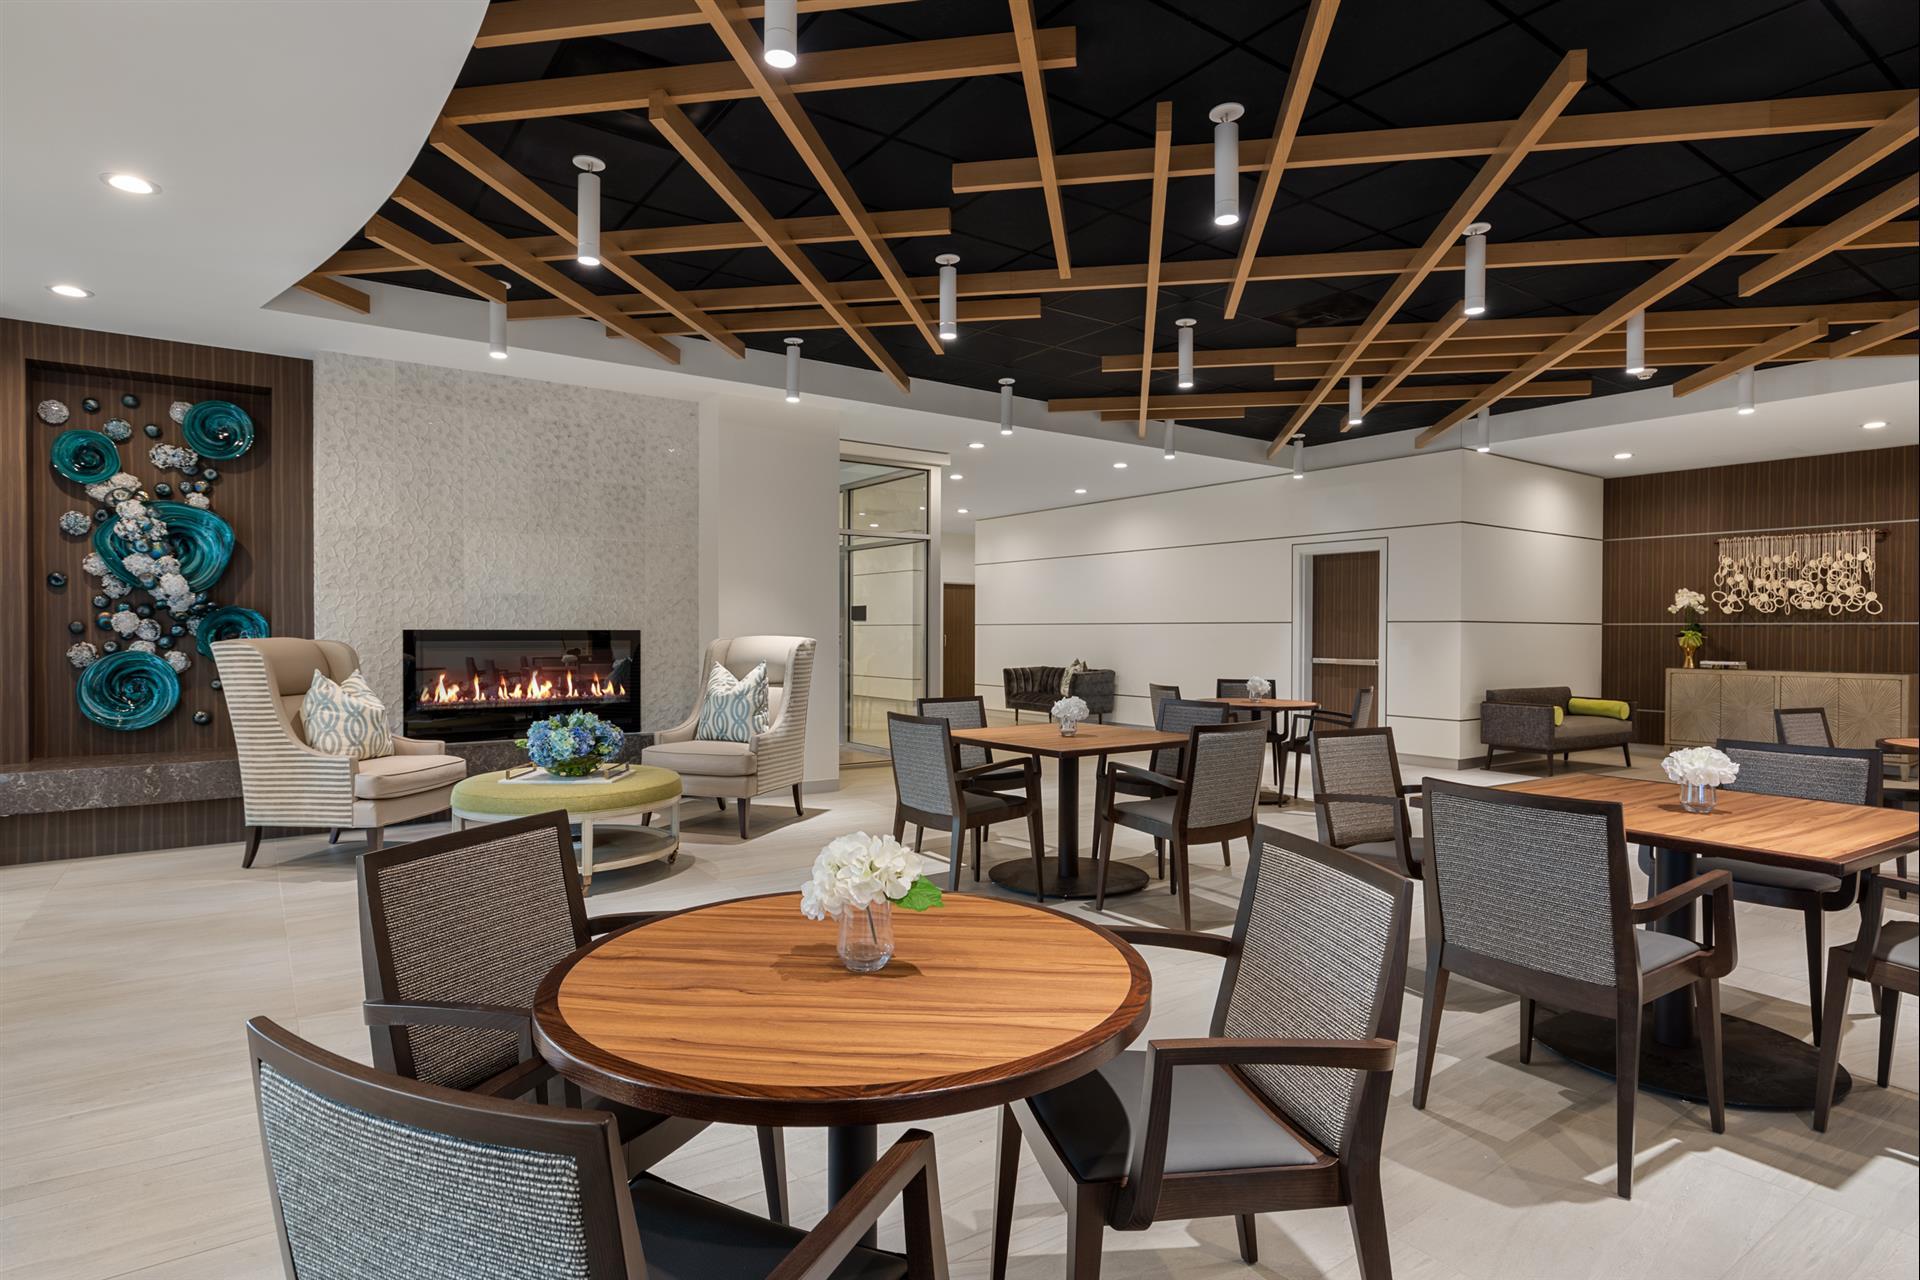 Dining area inside The Vista